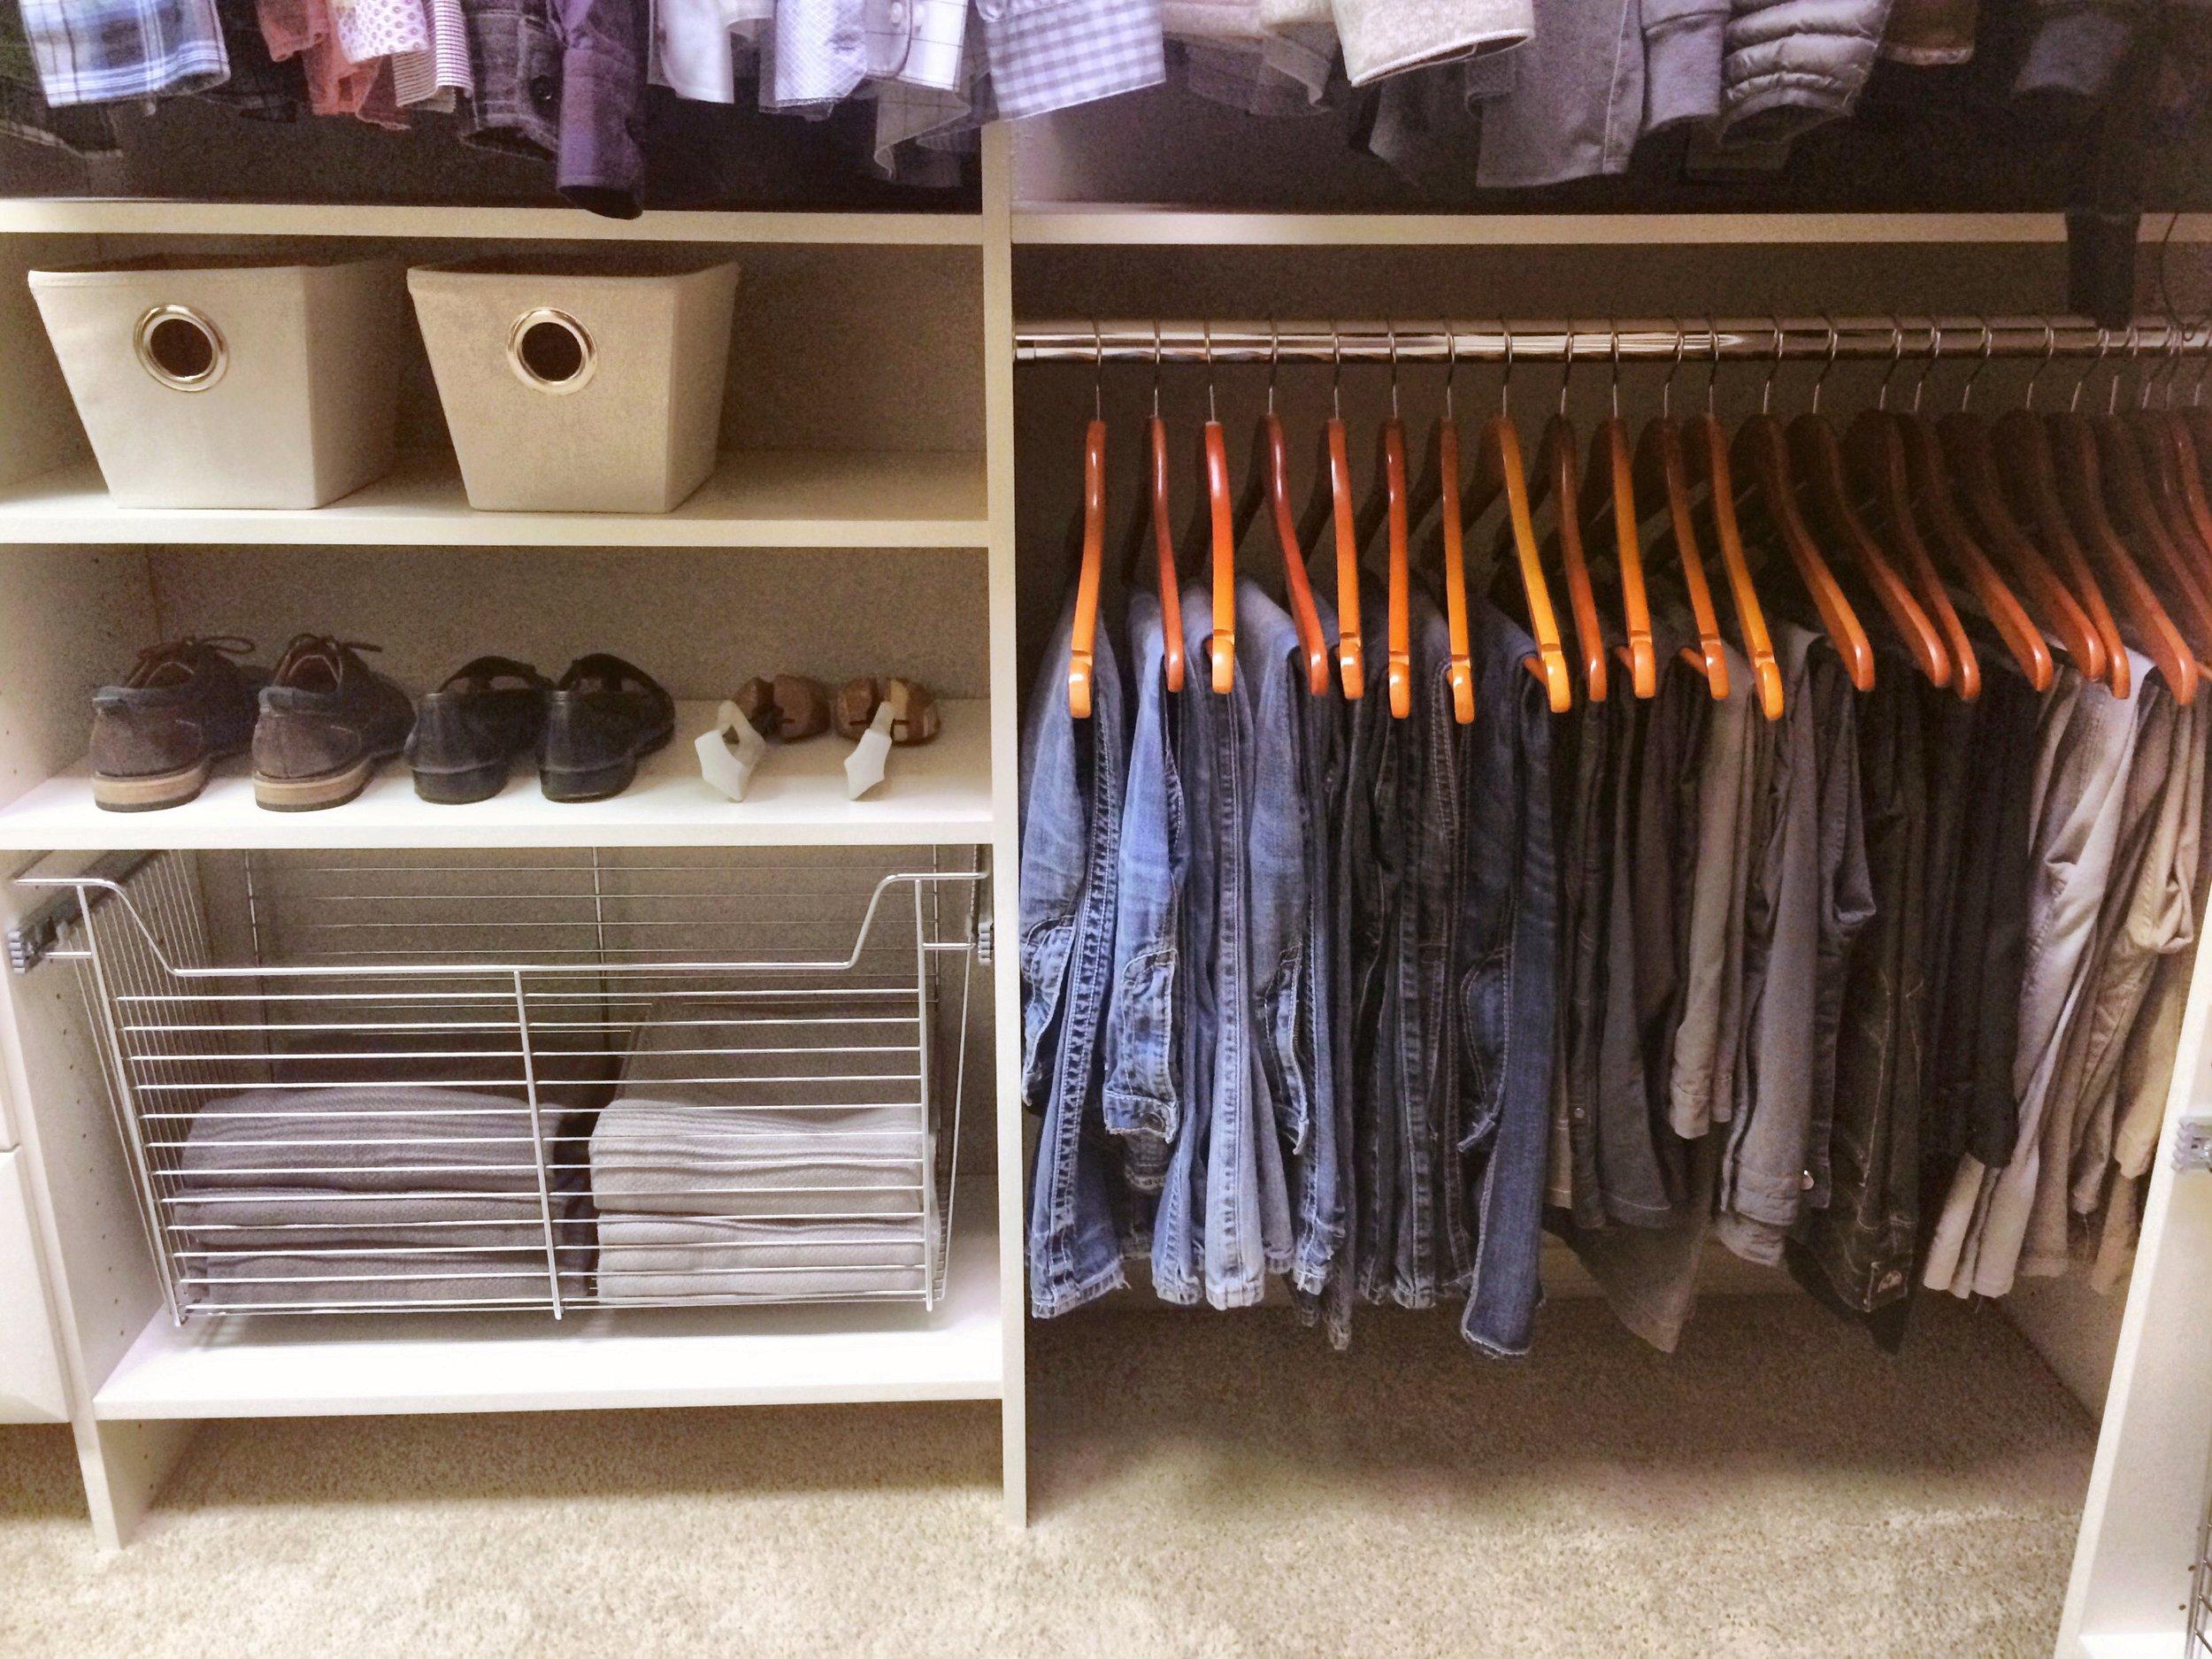 Hardworking Hampers Do A Closet Good Closets Of Tulsa